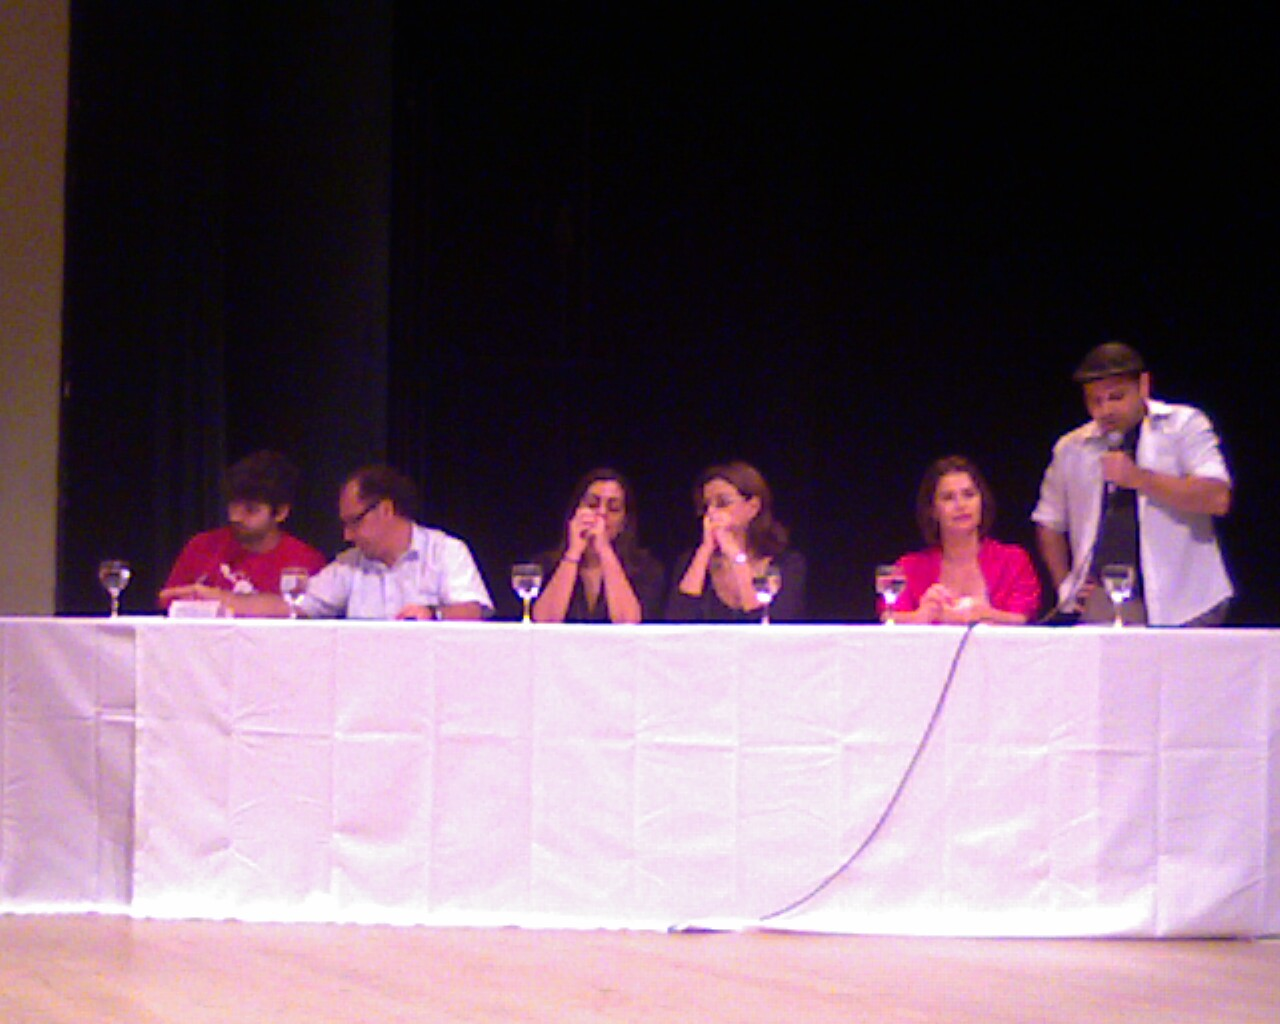 Gilson, dos @pontossc na mesa do encontro da cidadania cultural em #floripa